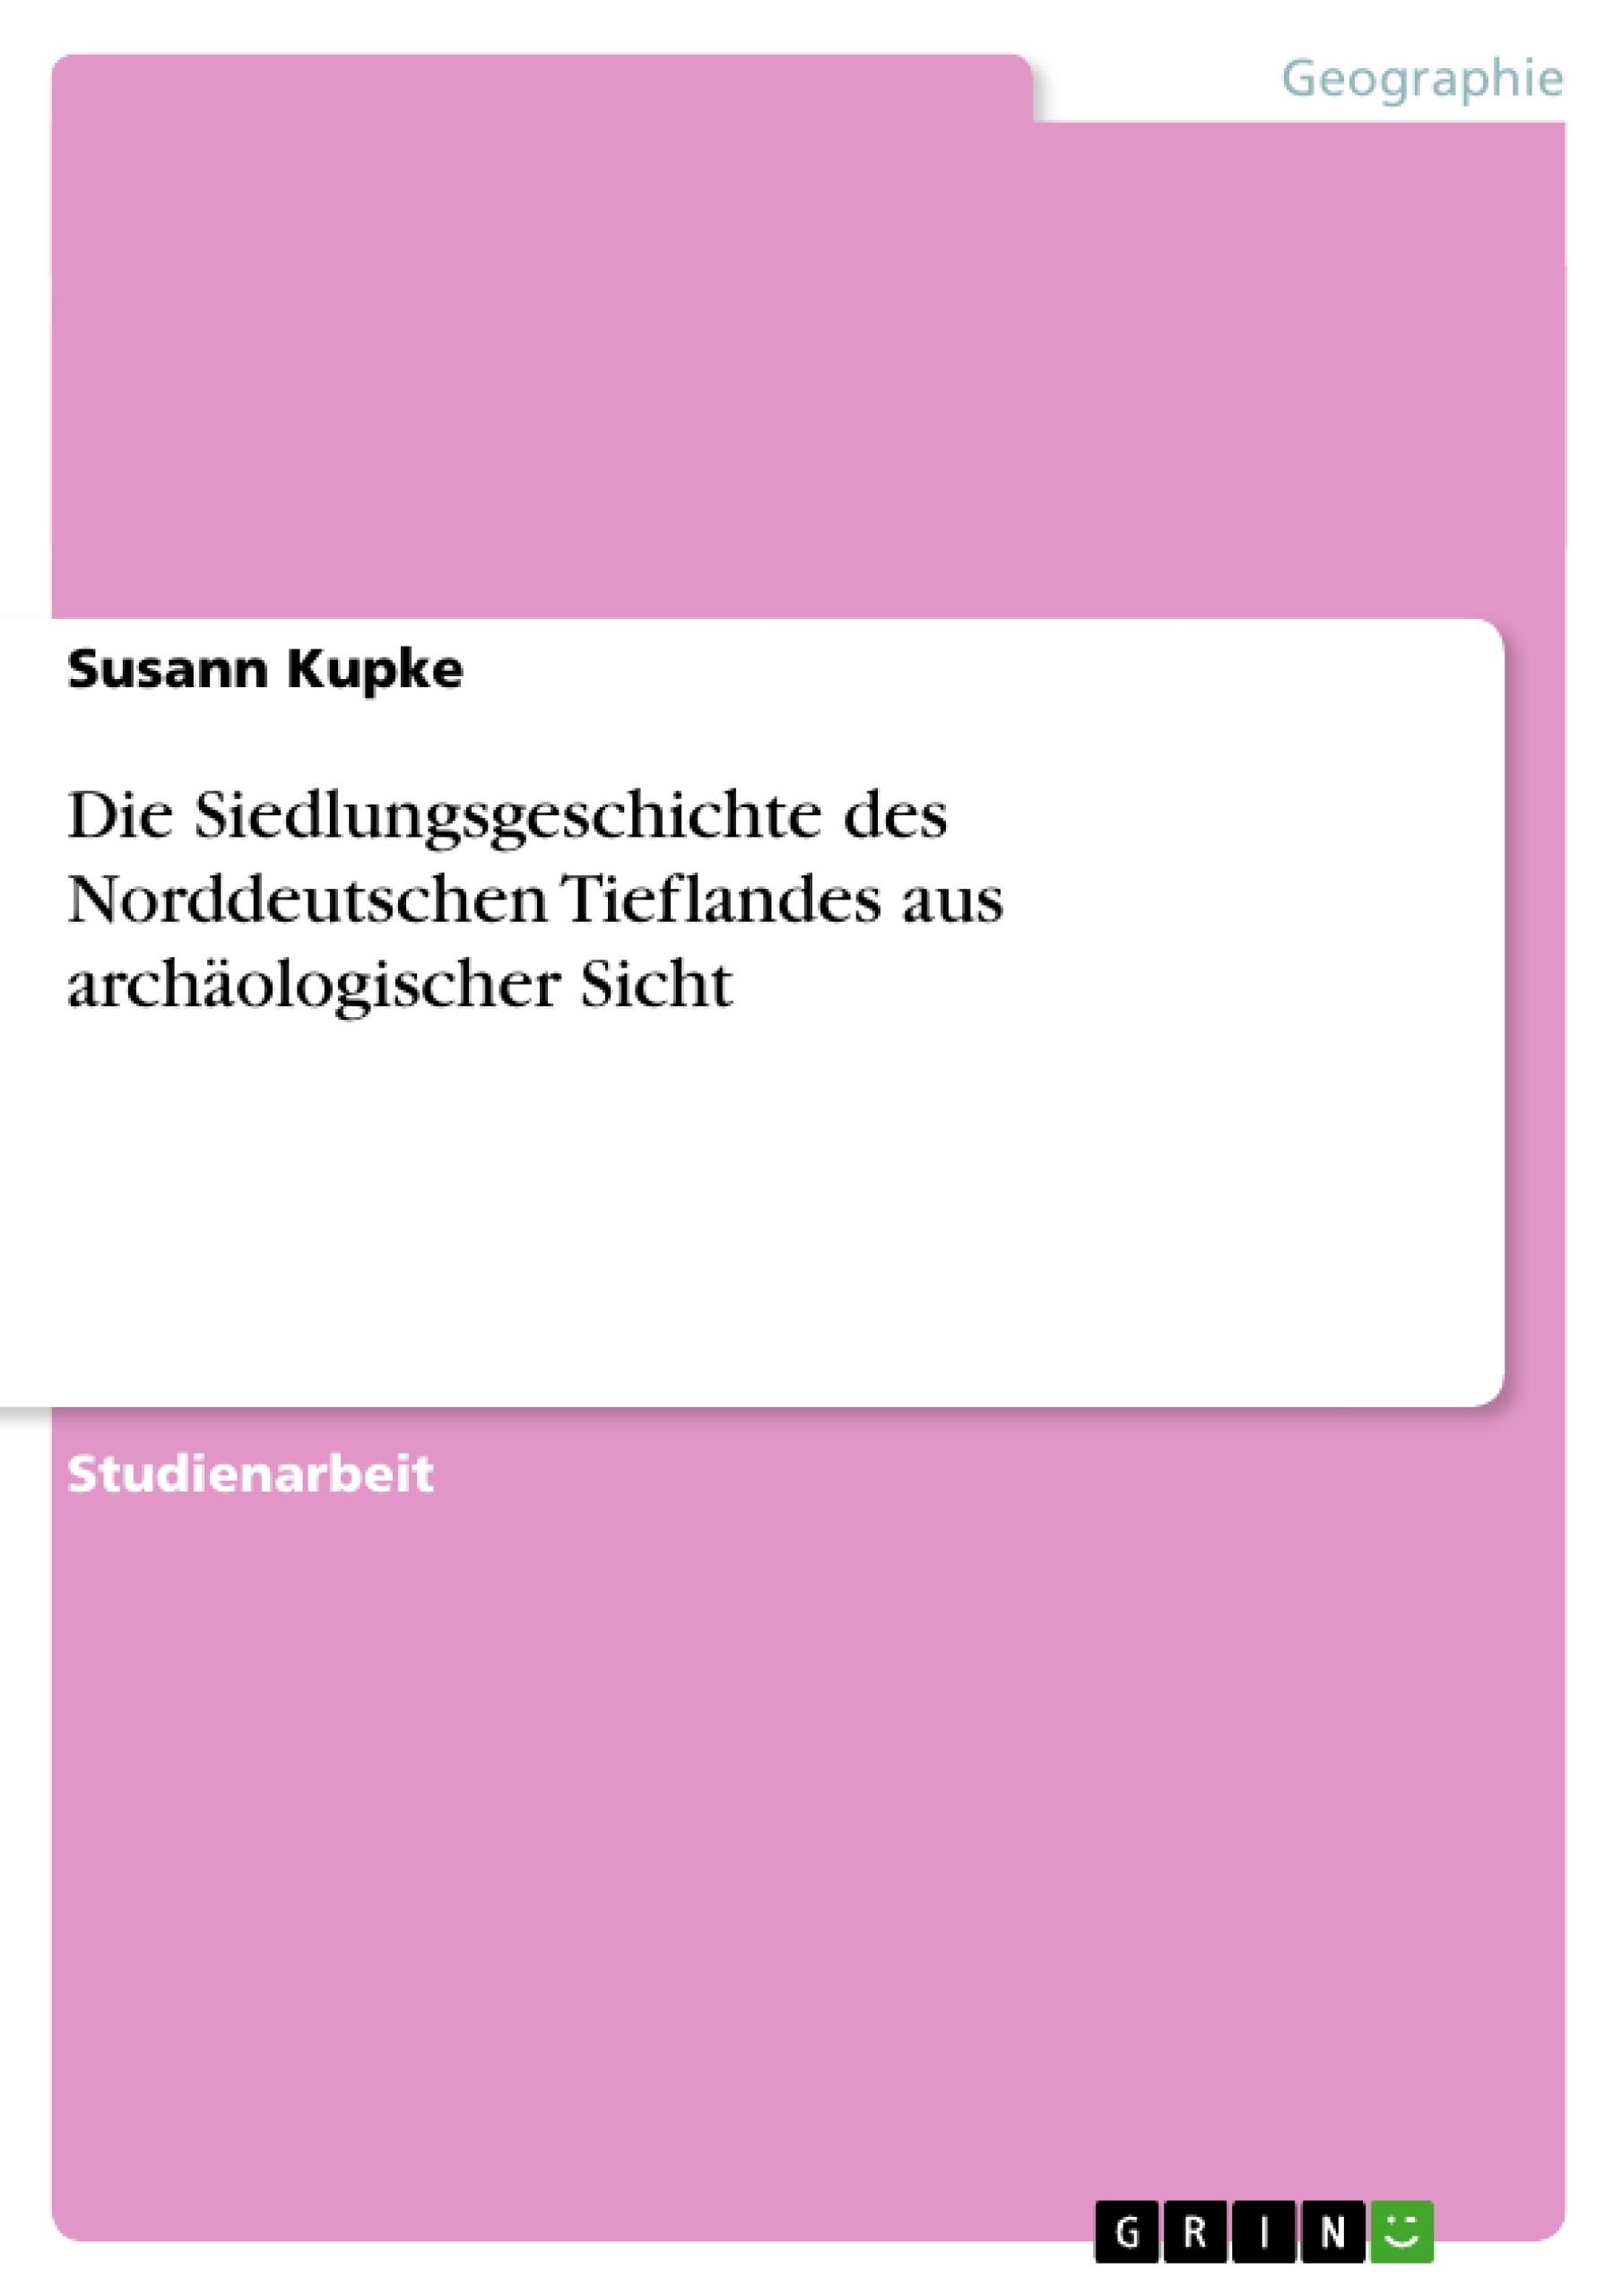 Titel: Die Siedlungsgeschichte des Norddeutschen Tieflandes aus archäologischer Sicht